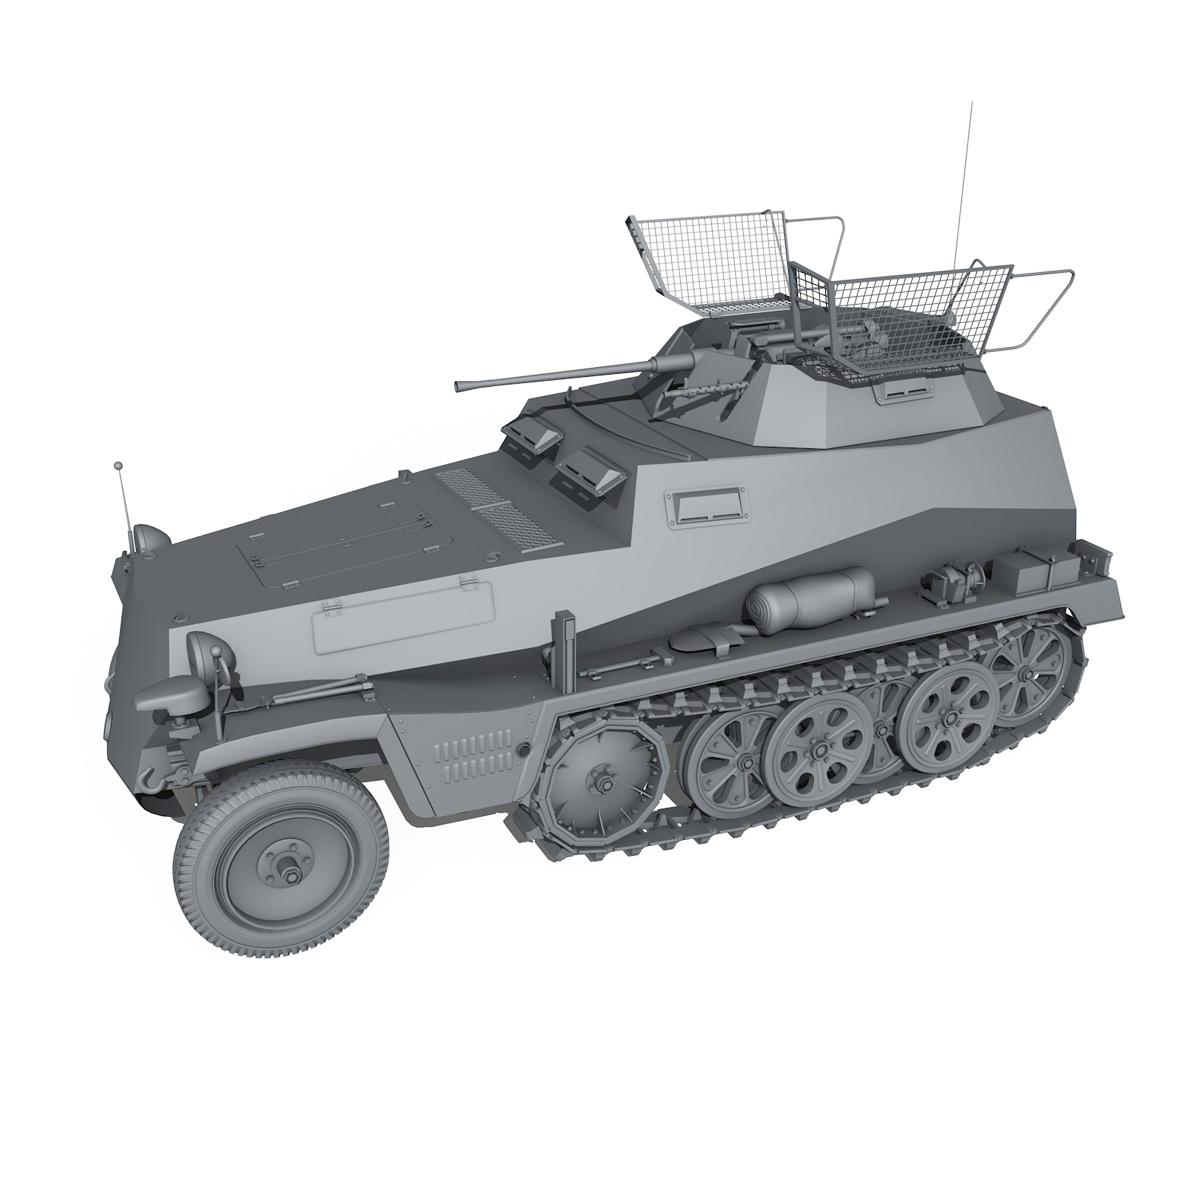 sd.kfz 250/9 – half-track reconnaissance vehicle 3d model 3ds fbx c4d lwo obj 202270